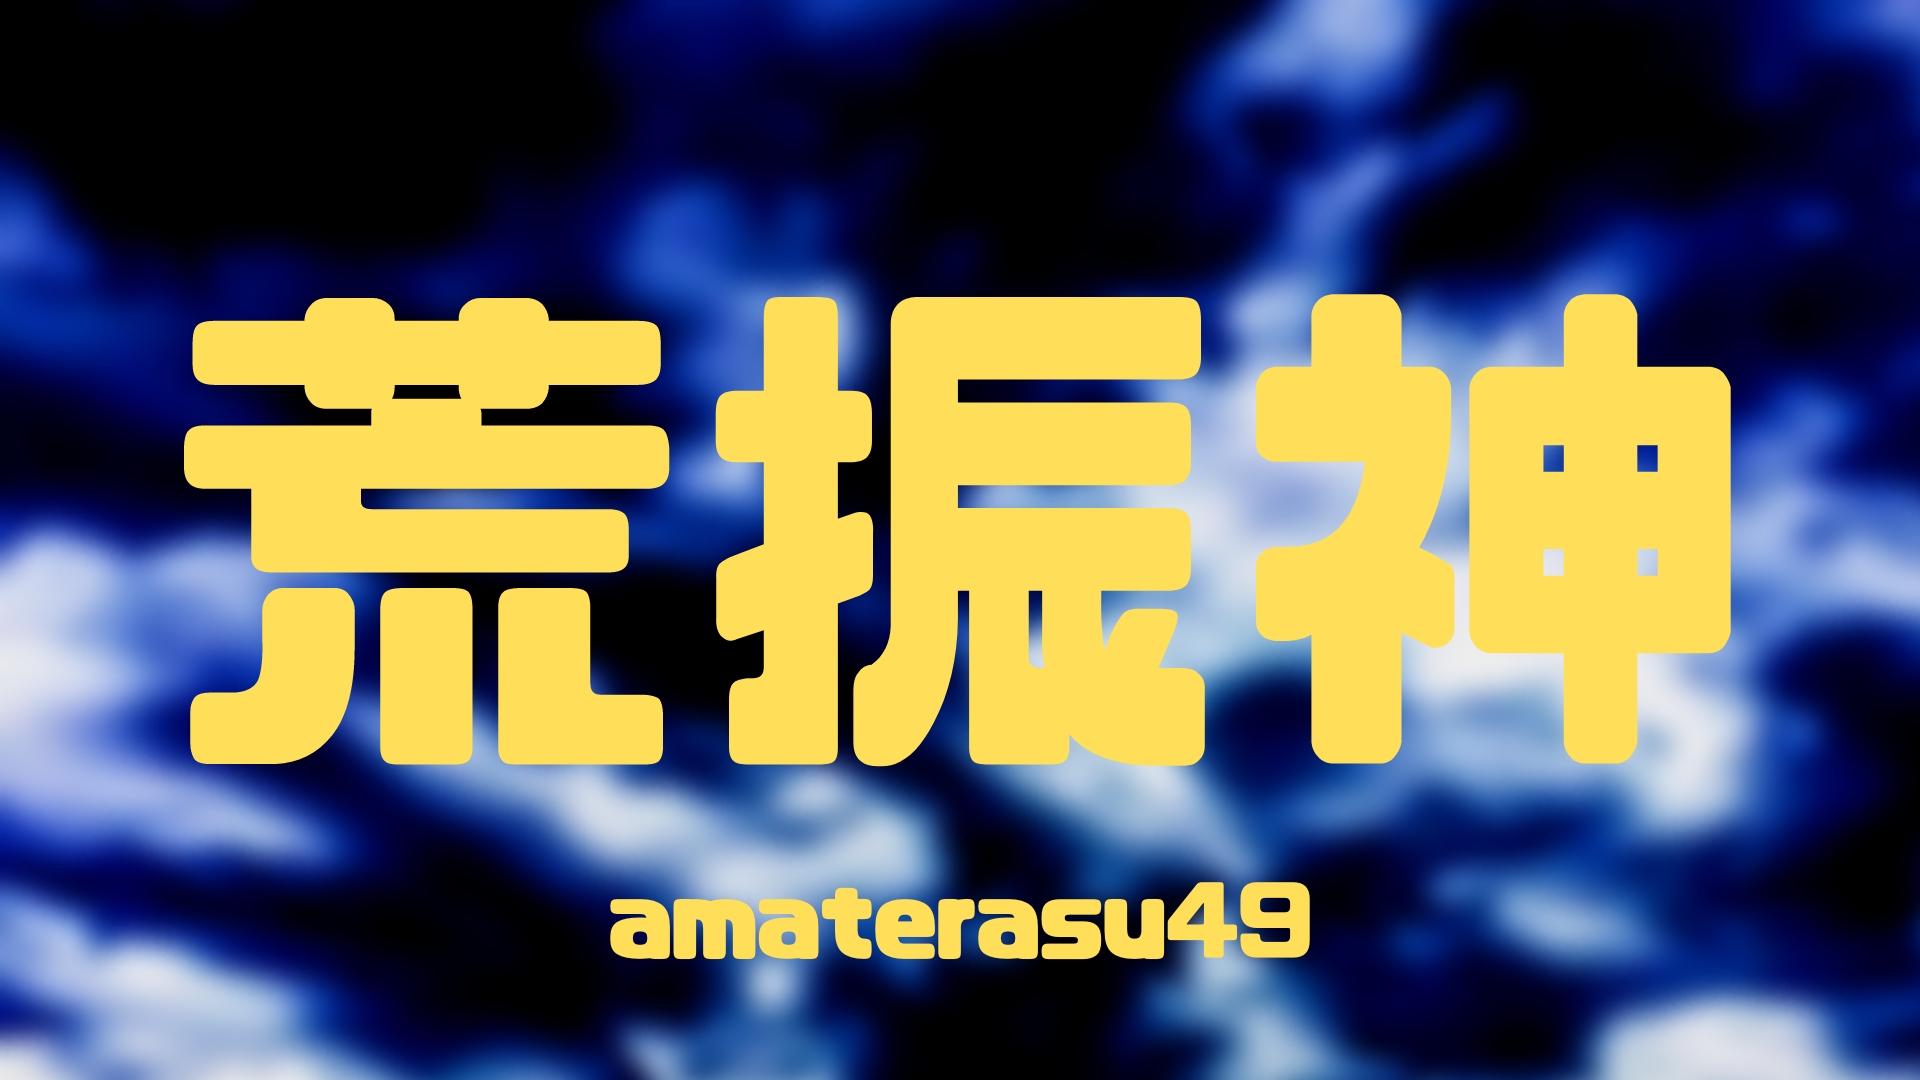 荒振神(あらぶるかみ)とは?日本神話で人々に災いをもたらす神を解説